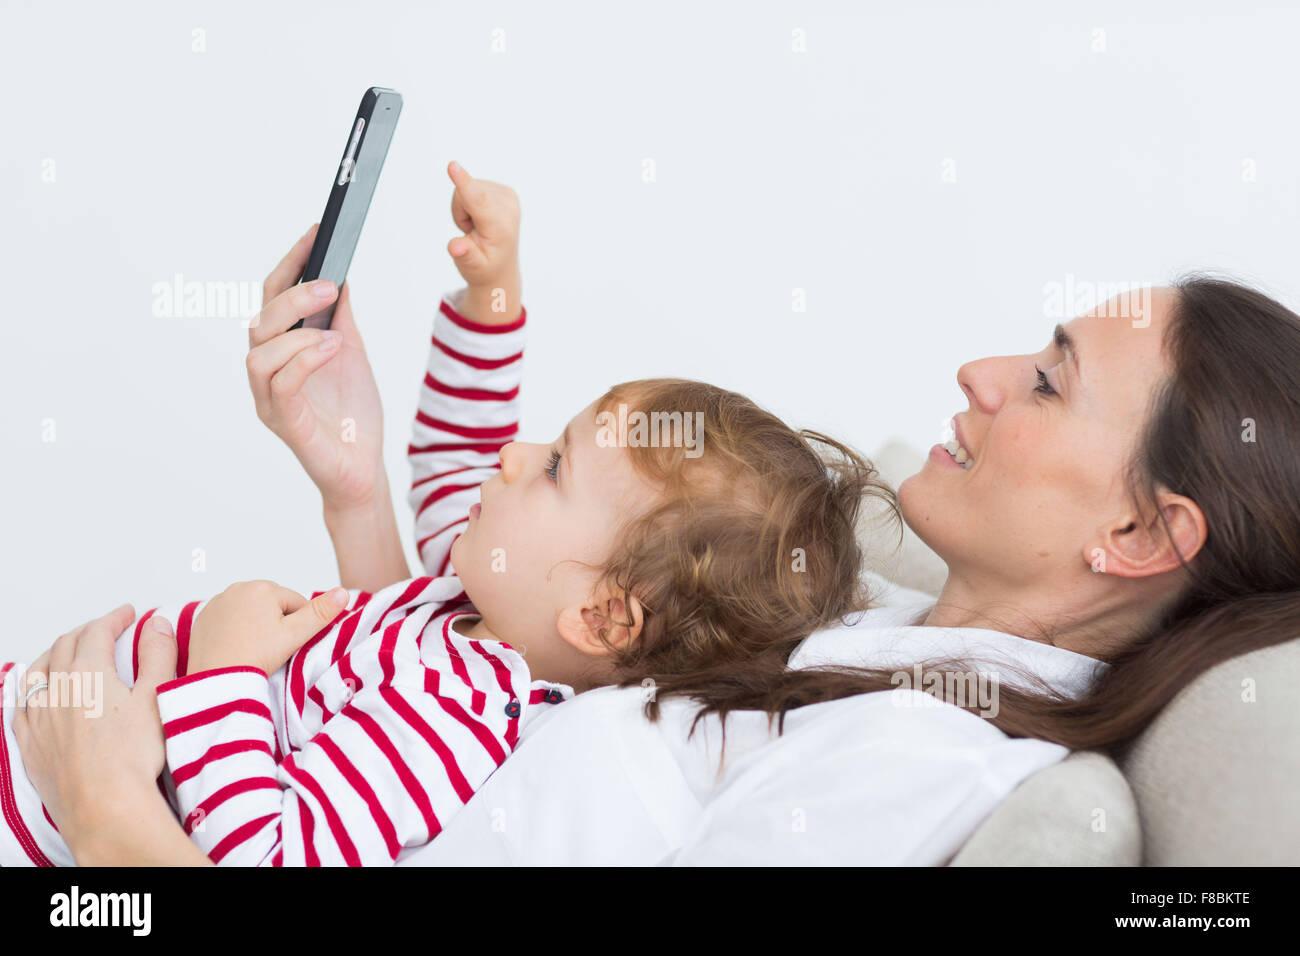 Niño de 2 años con teléfono celular. Imagen De Stock